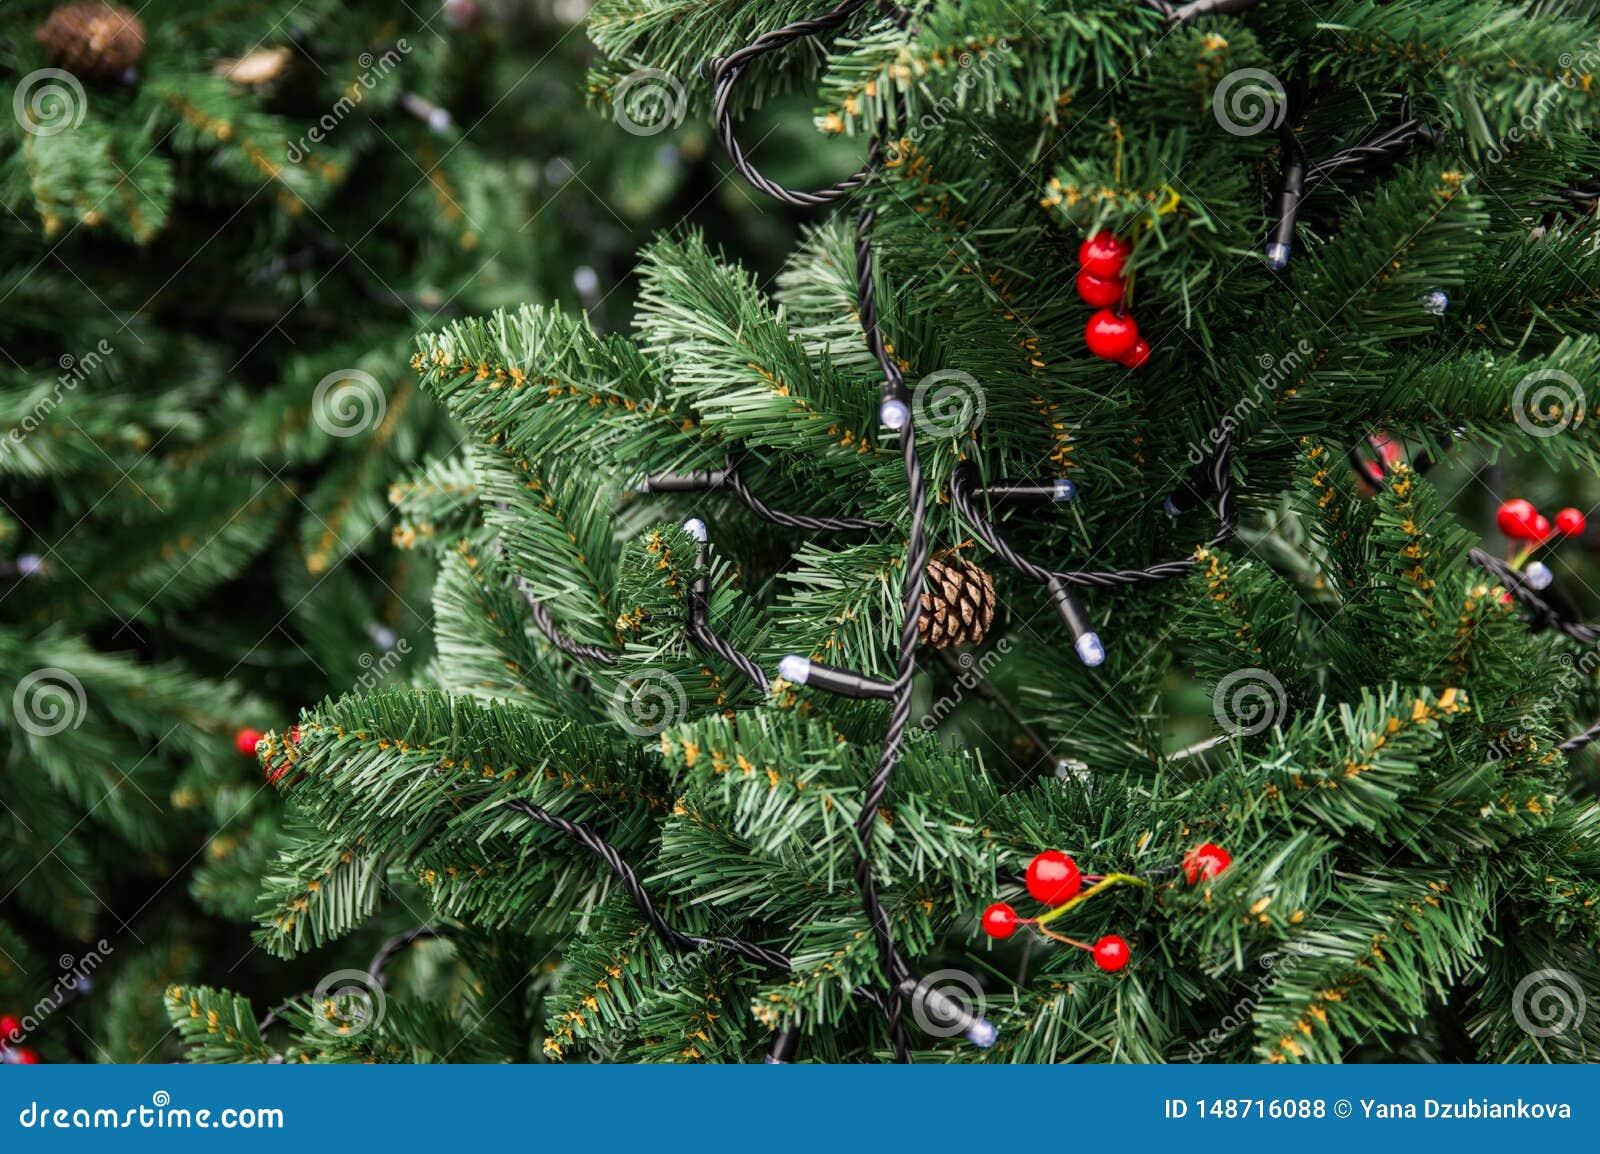 Зеленое дерево украшенное со светами, конусами и красными ягодами